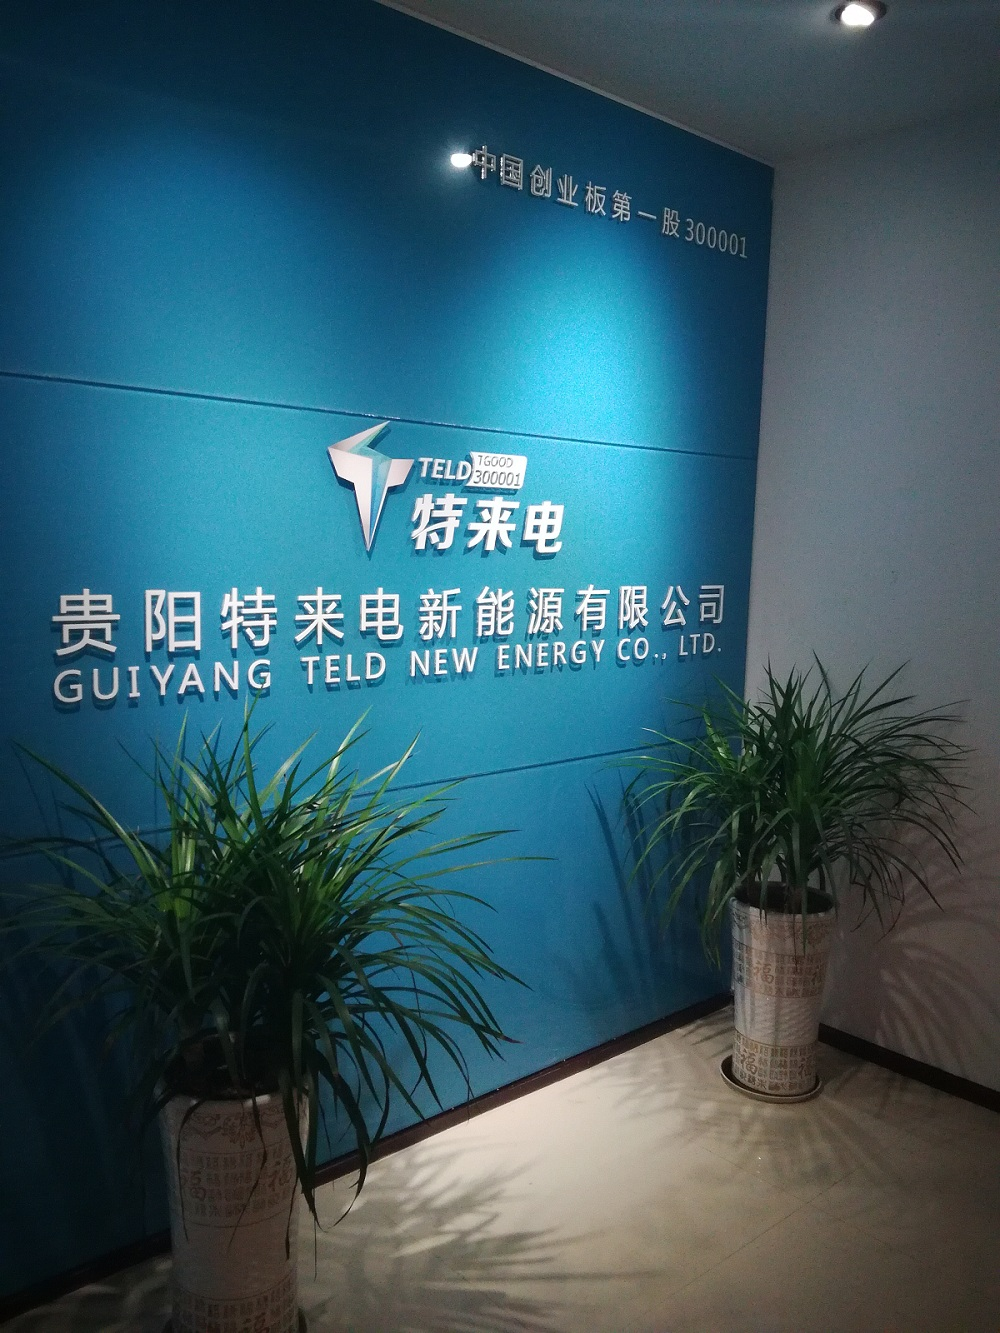 公司简介 一,公司简介     贵阳特来电新能源有限公司是青岛特来电新